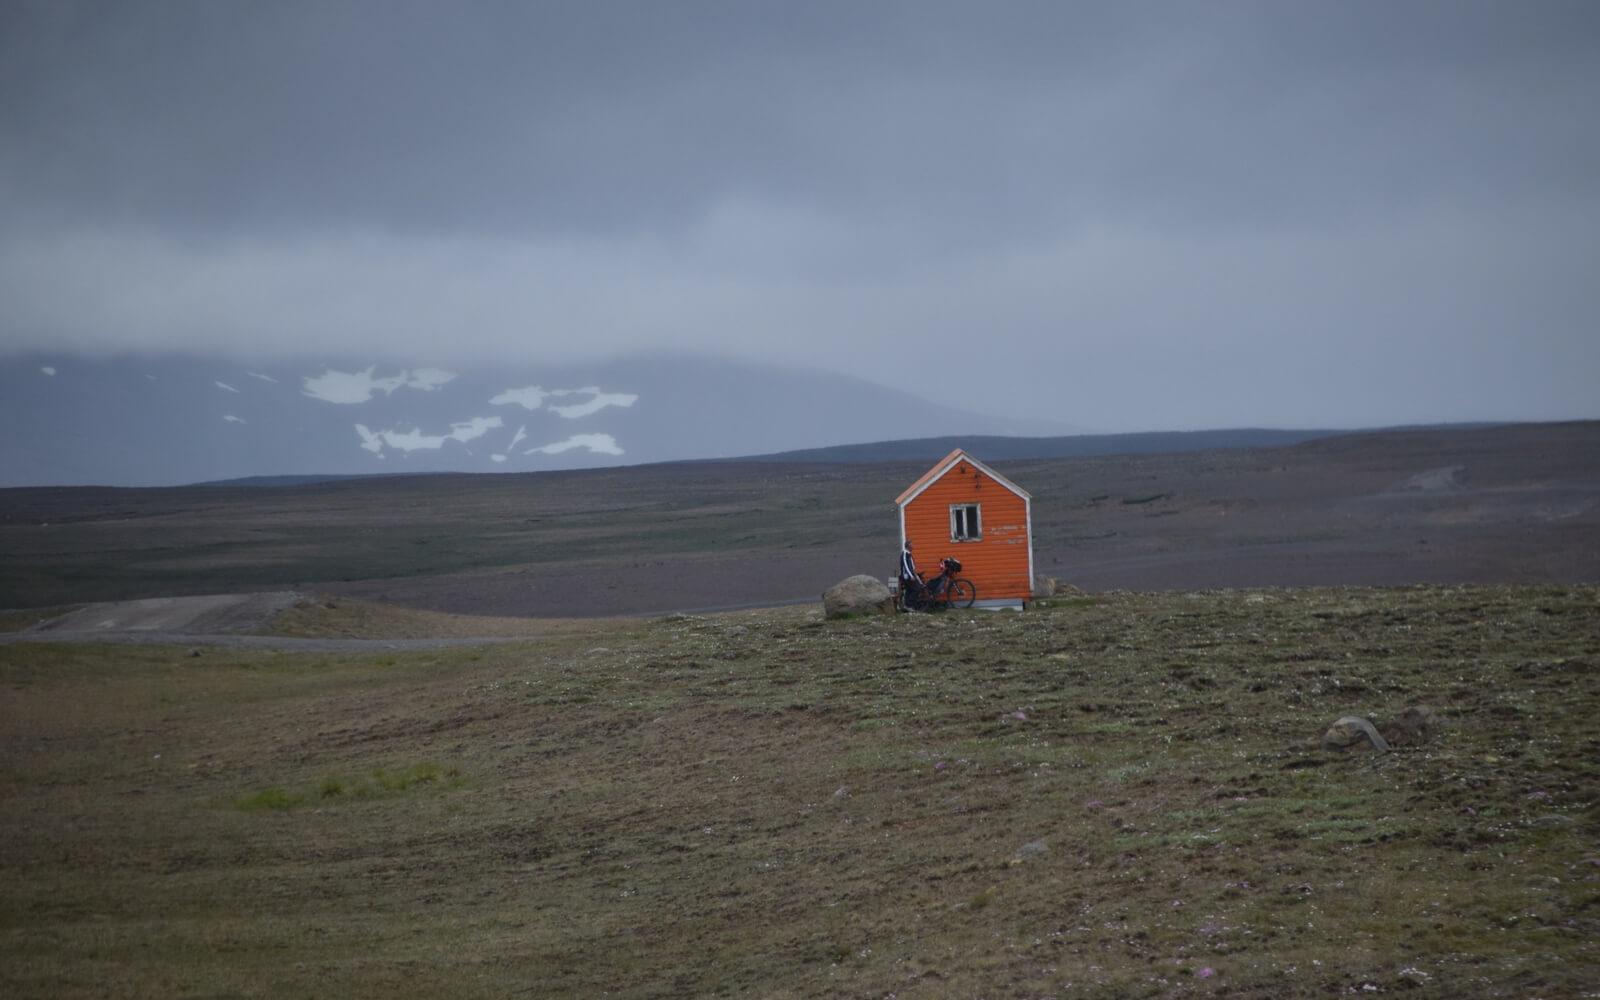 Schutzhütte im Hochland